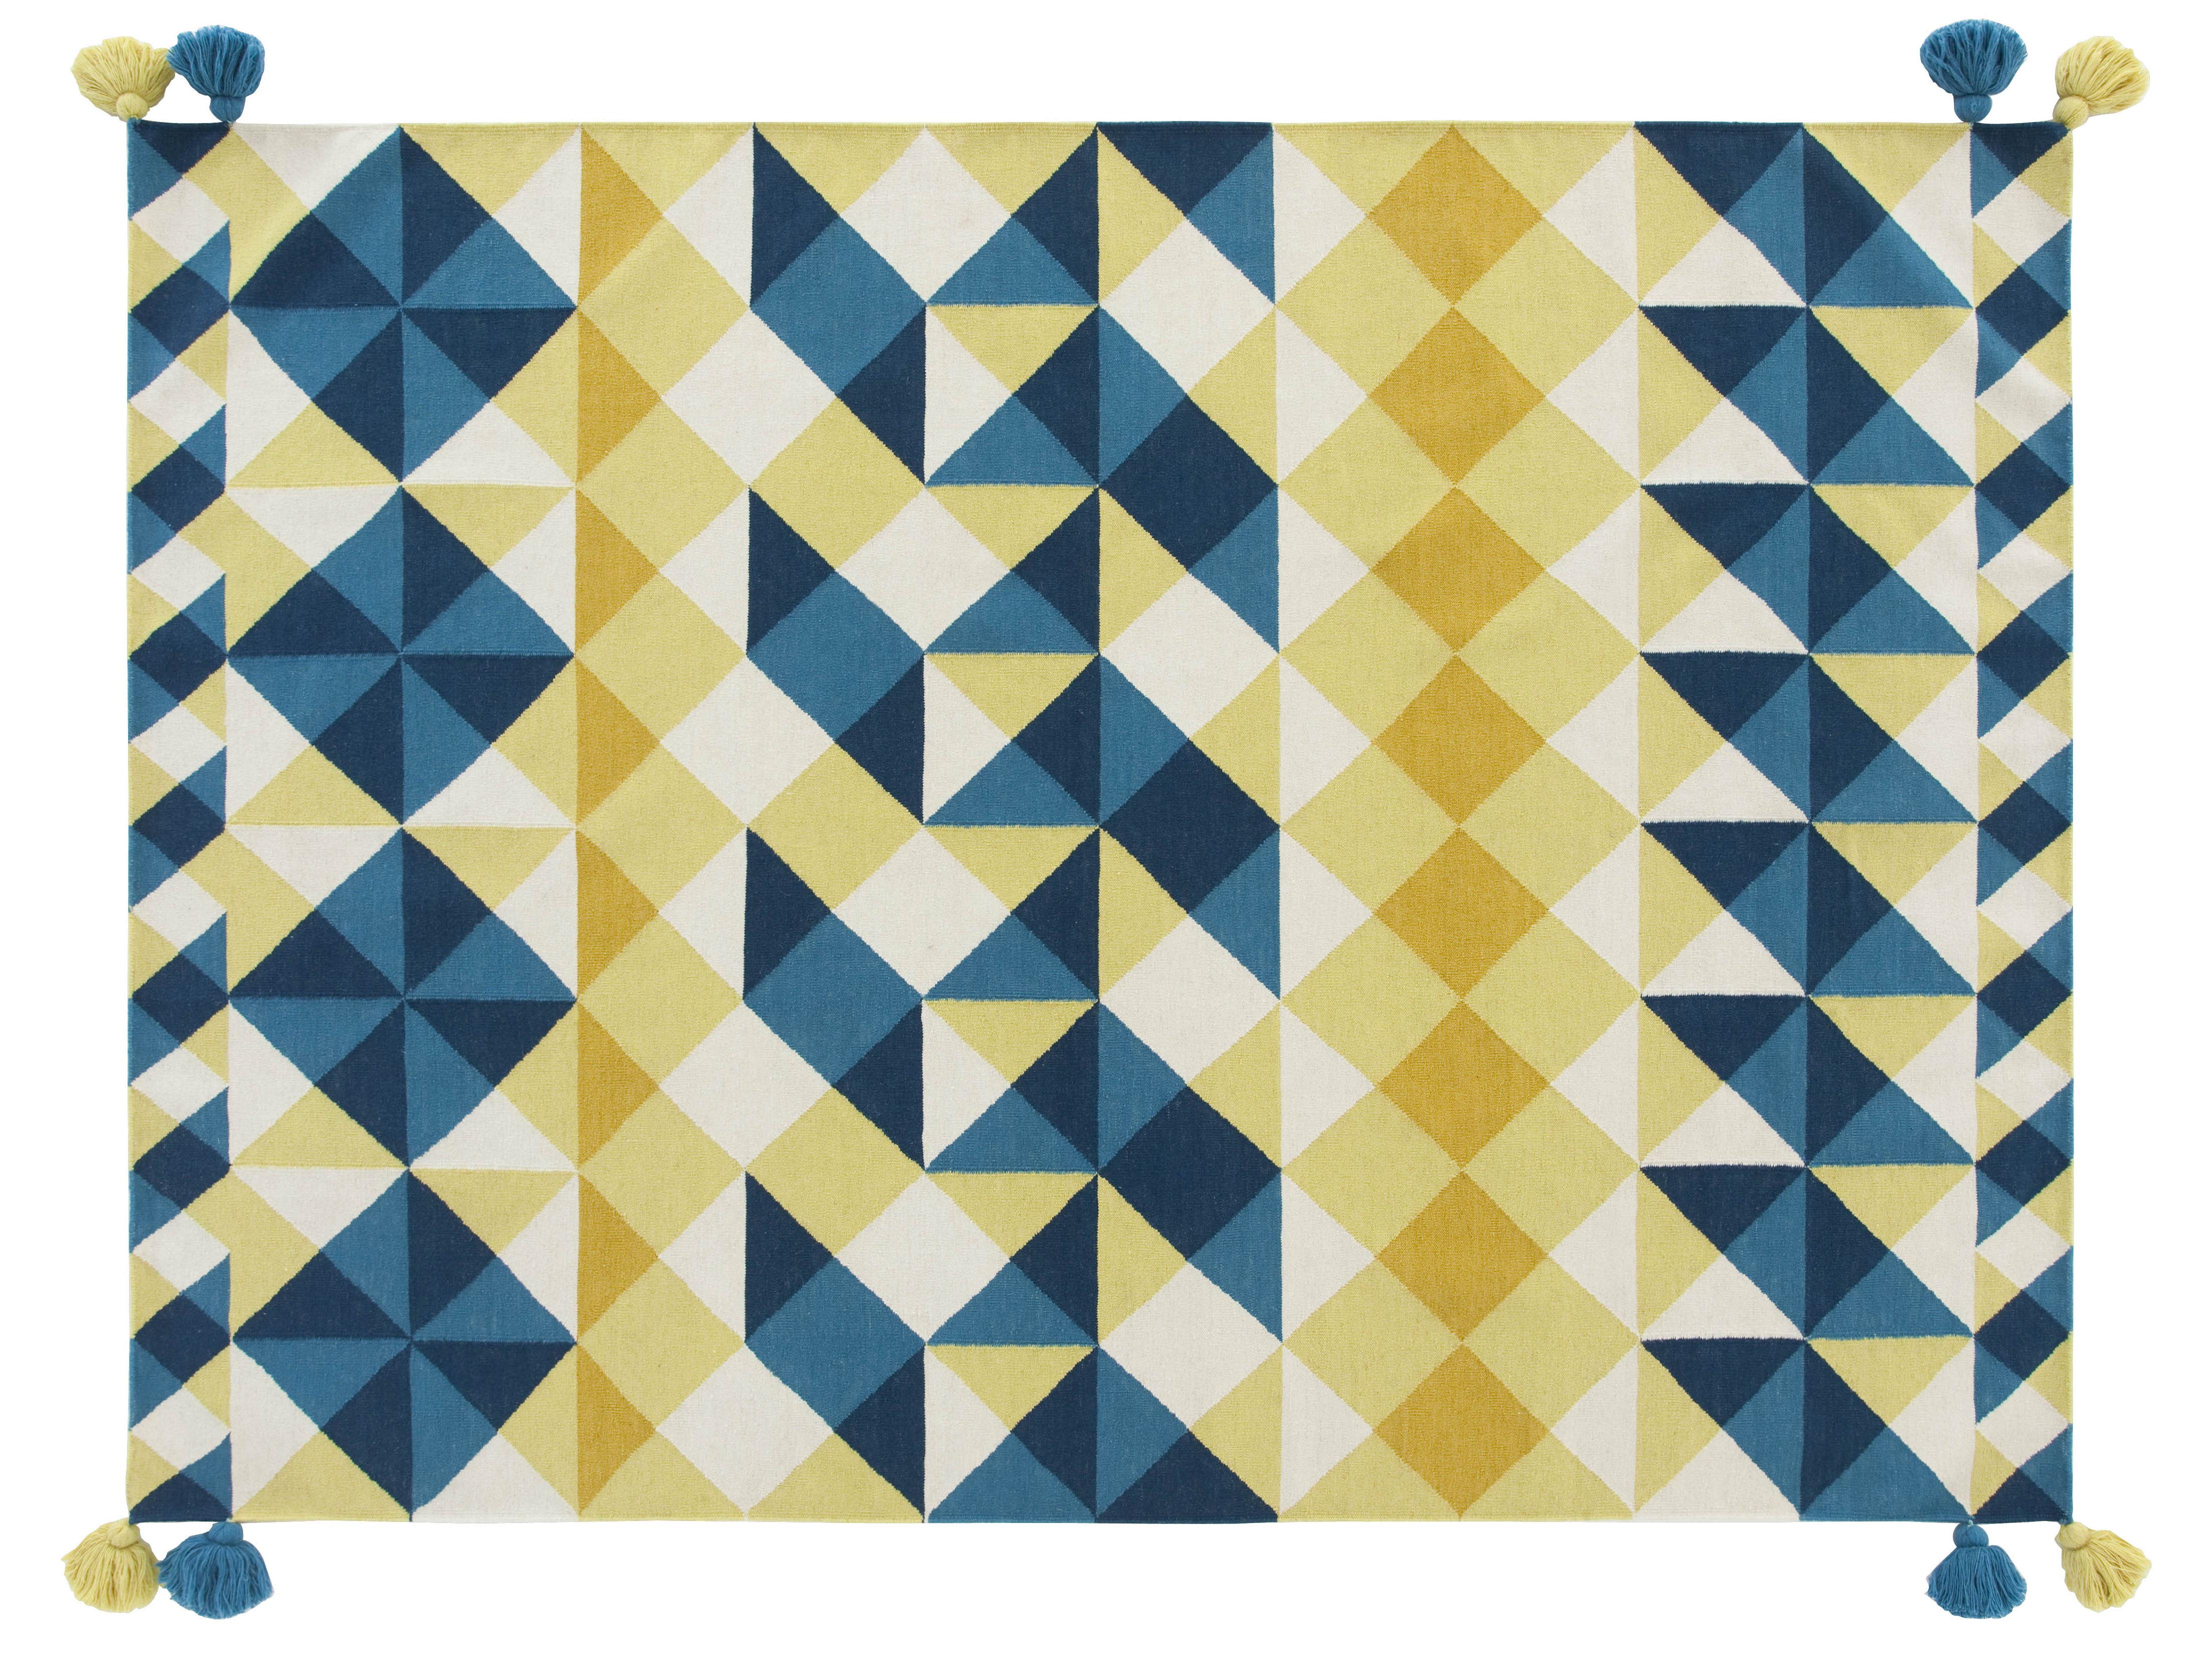 Tapis Kilim Mosa Ek 240 X 170 Cm Jaune Bleu Gan